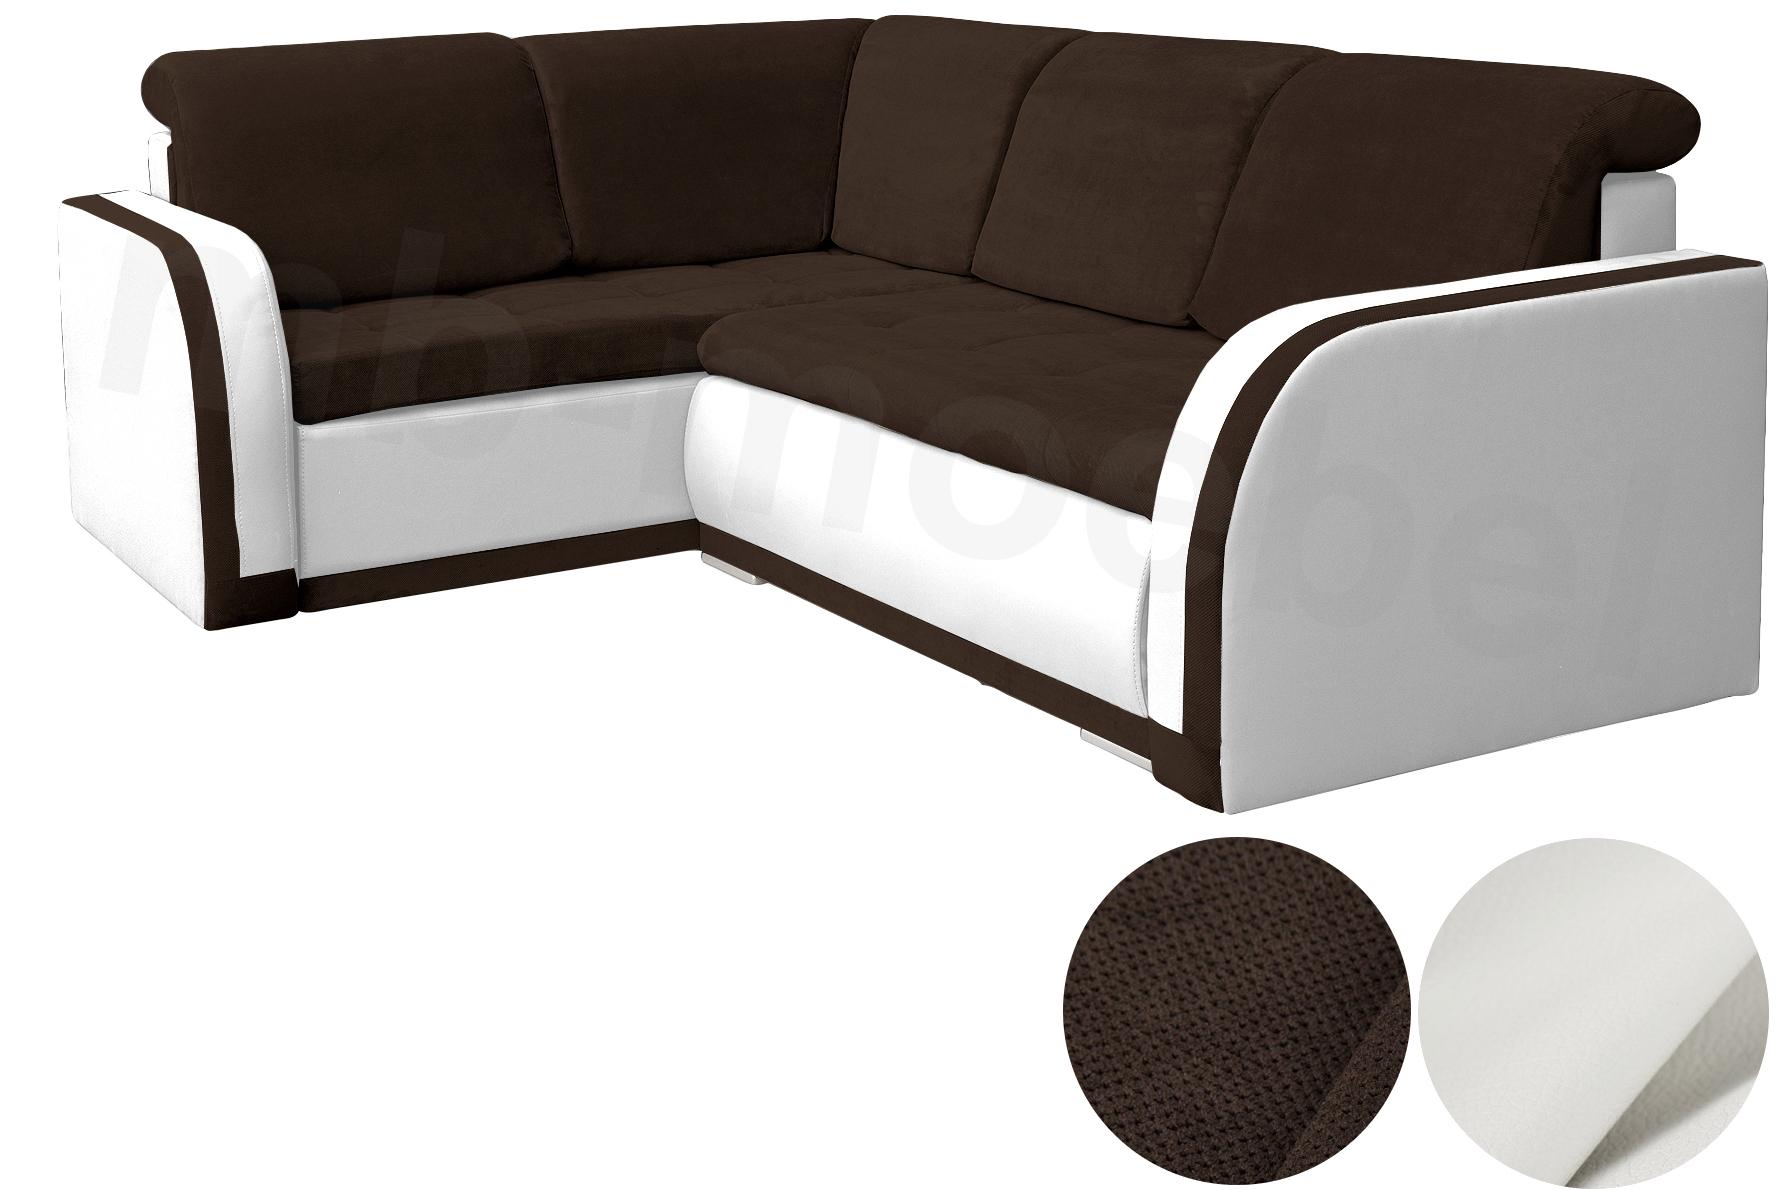 Klassisch Ecksofa Sofa Eckcouch Wohnzimmer Couch Xxl L